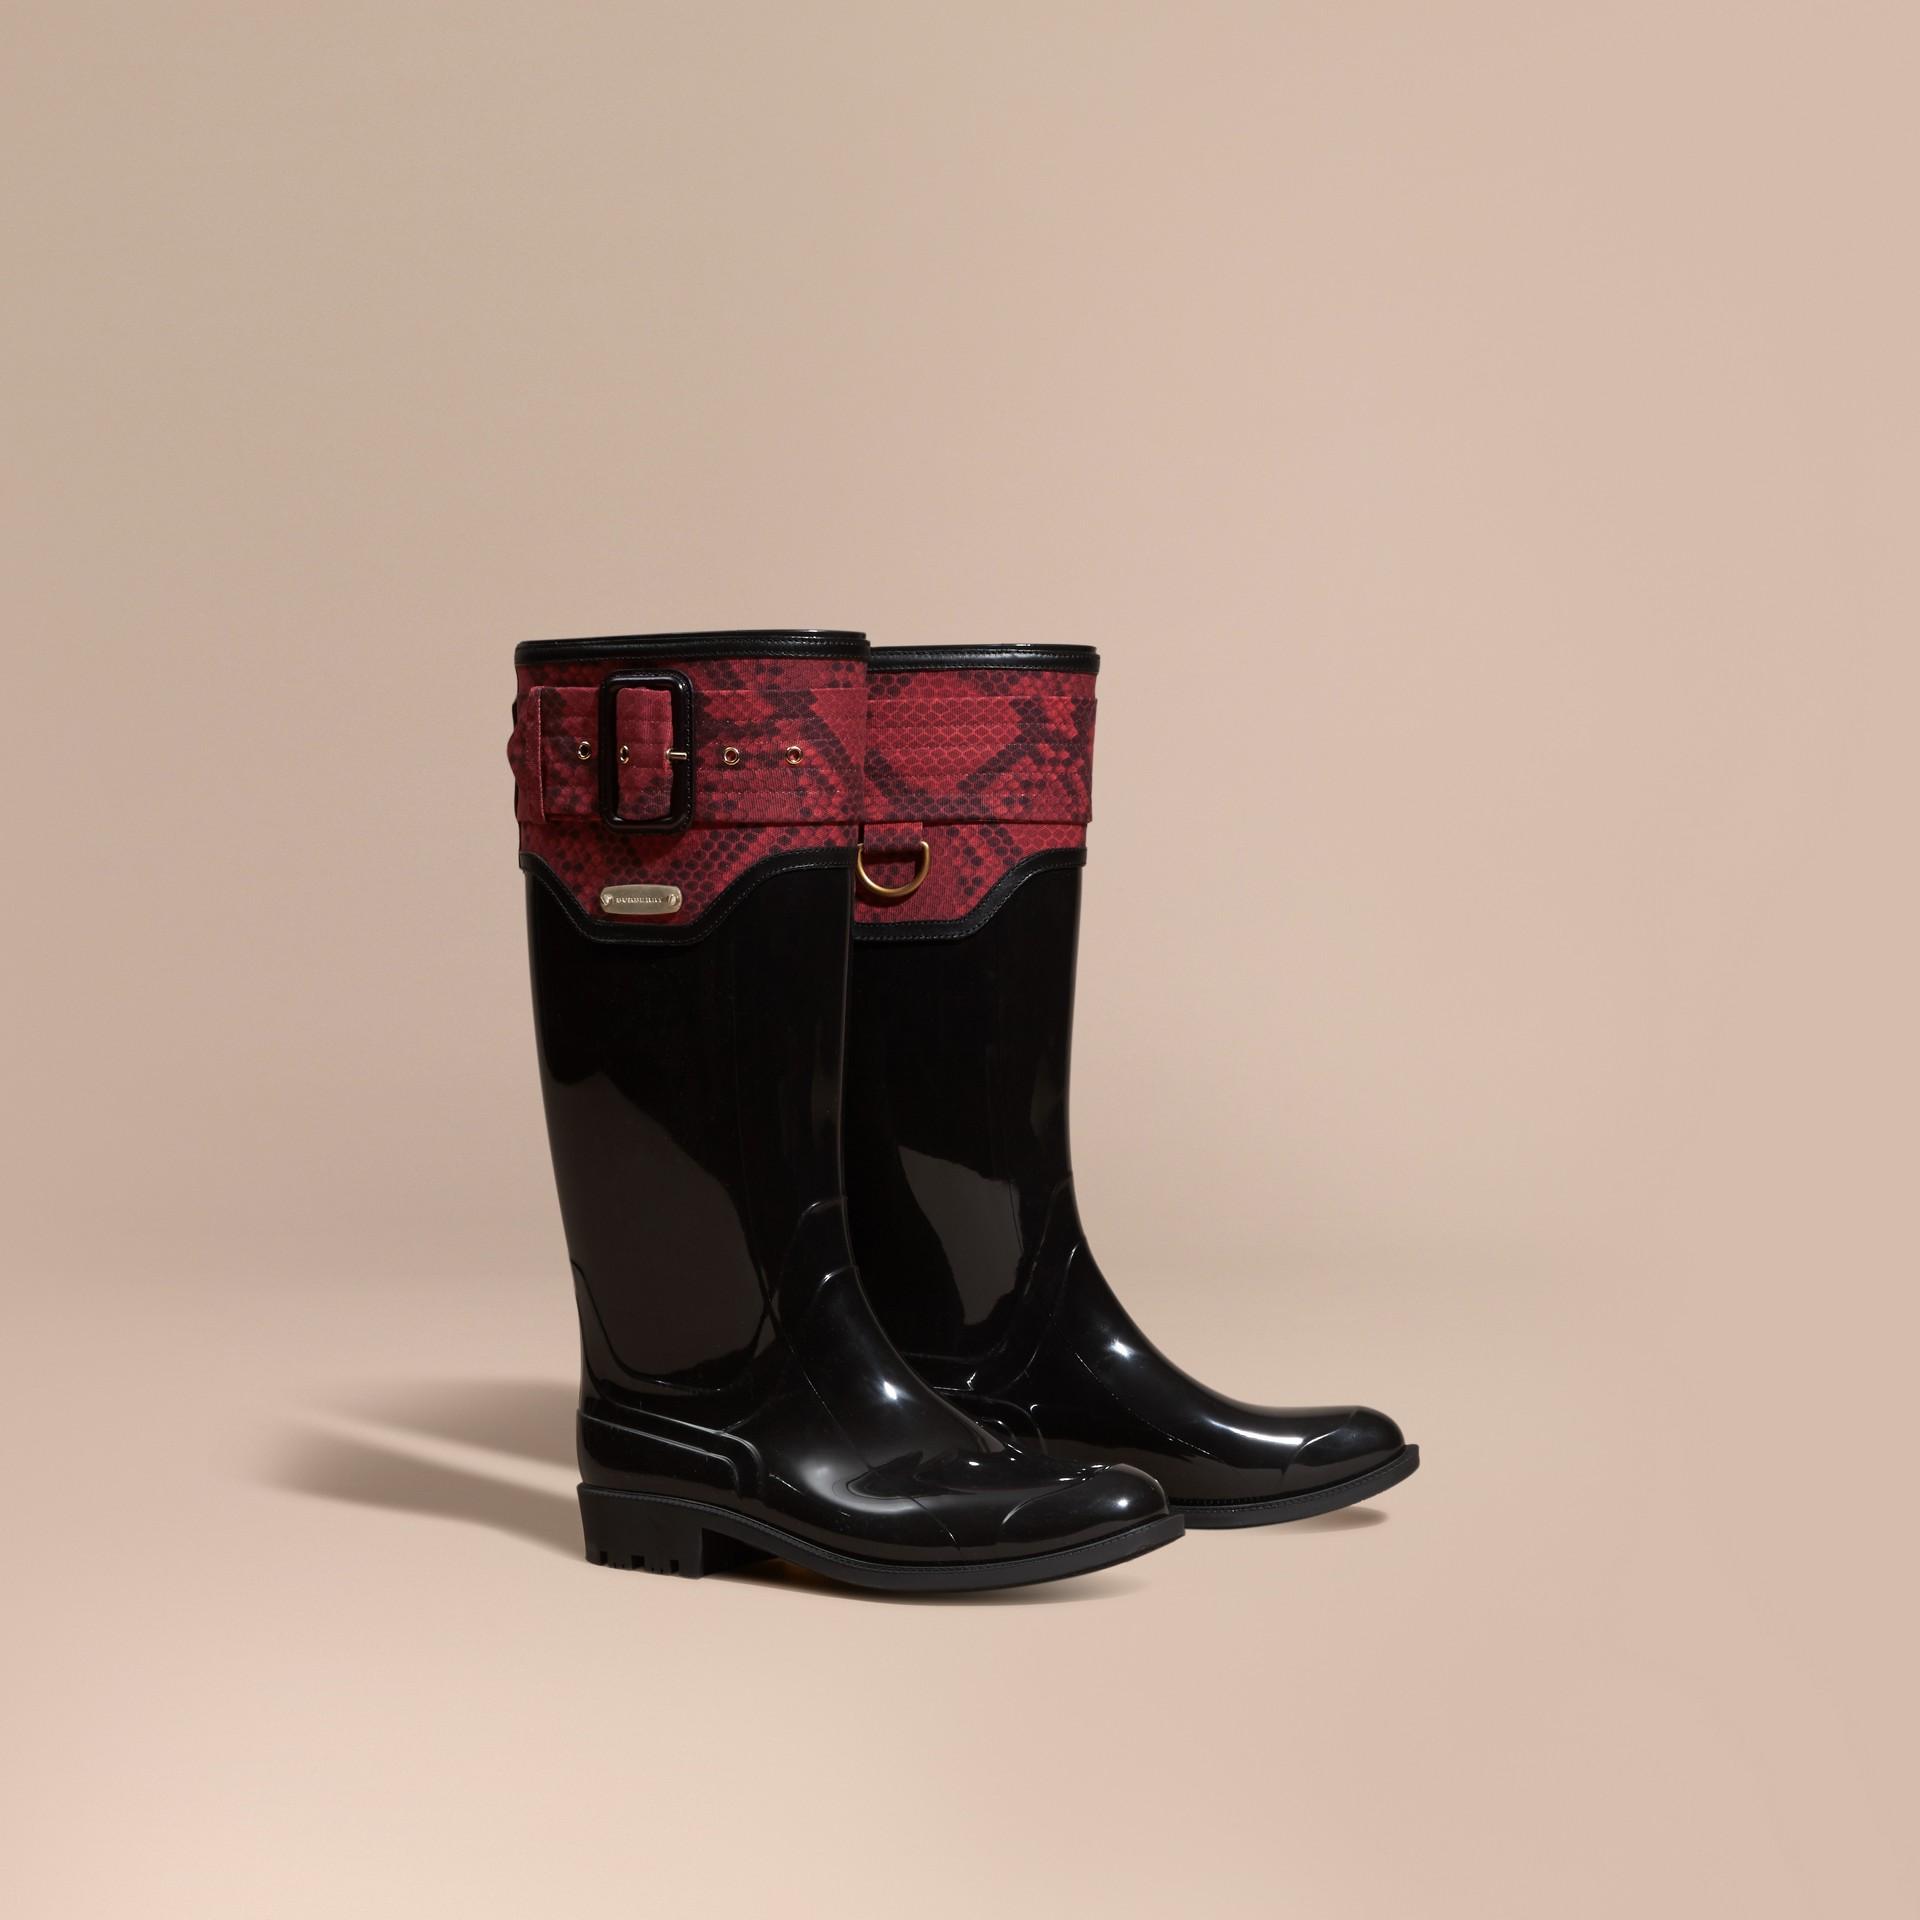 黑色/溫莎紅 蟒紋細節設計雨靴 黑色/溫莎紅 - 圖庫照片 1